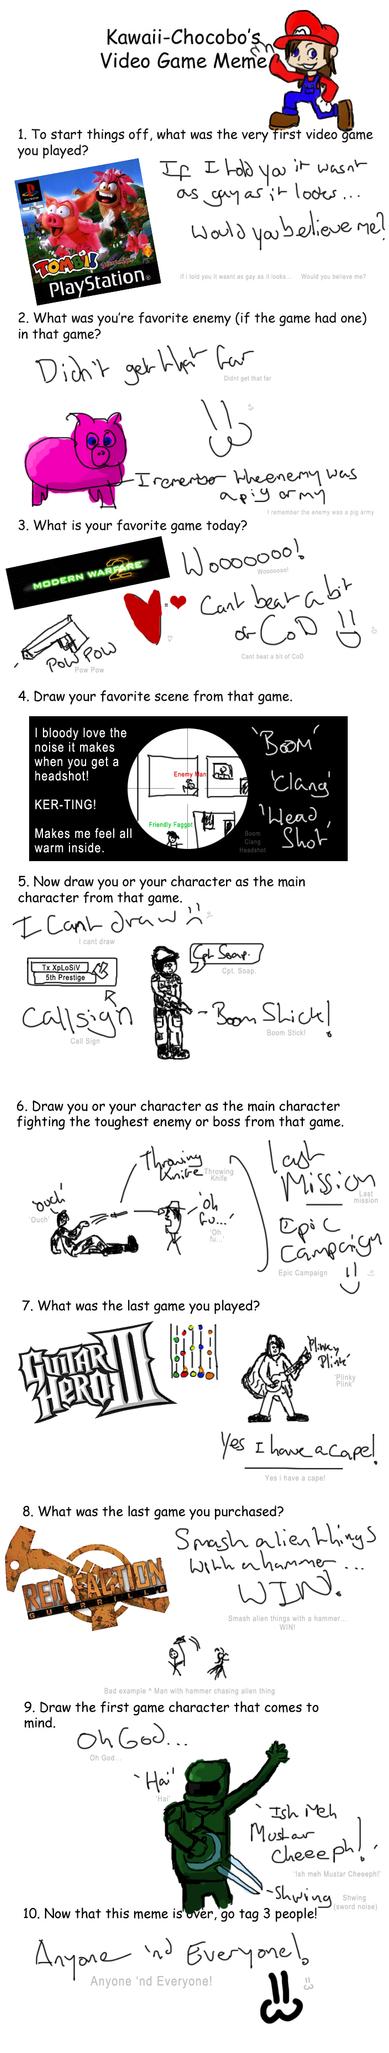 Video Game Meme by rJoyceyy